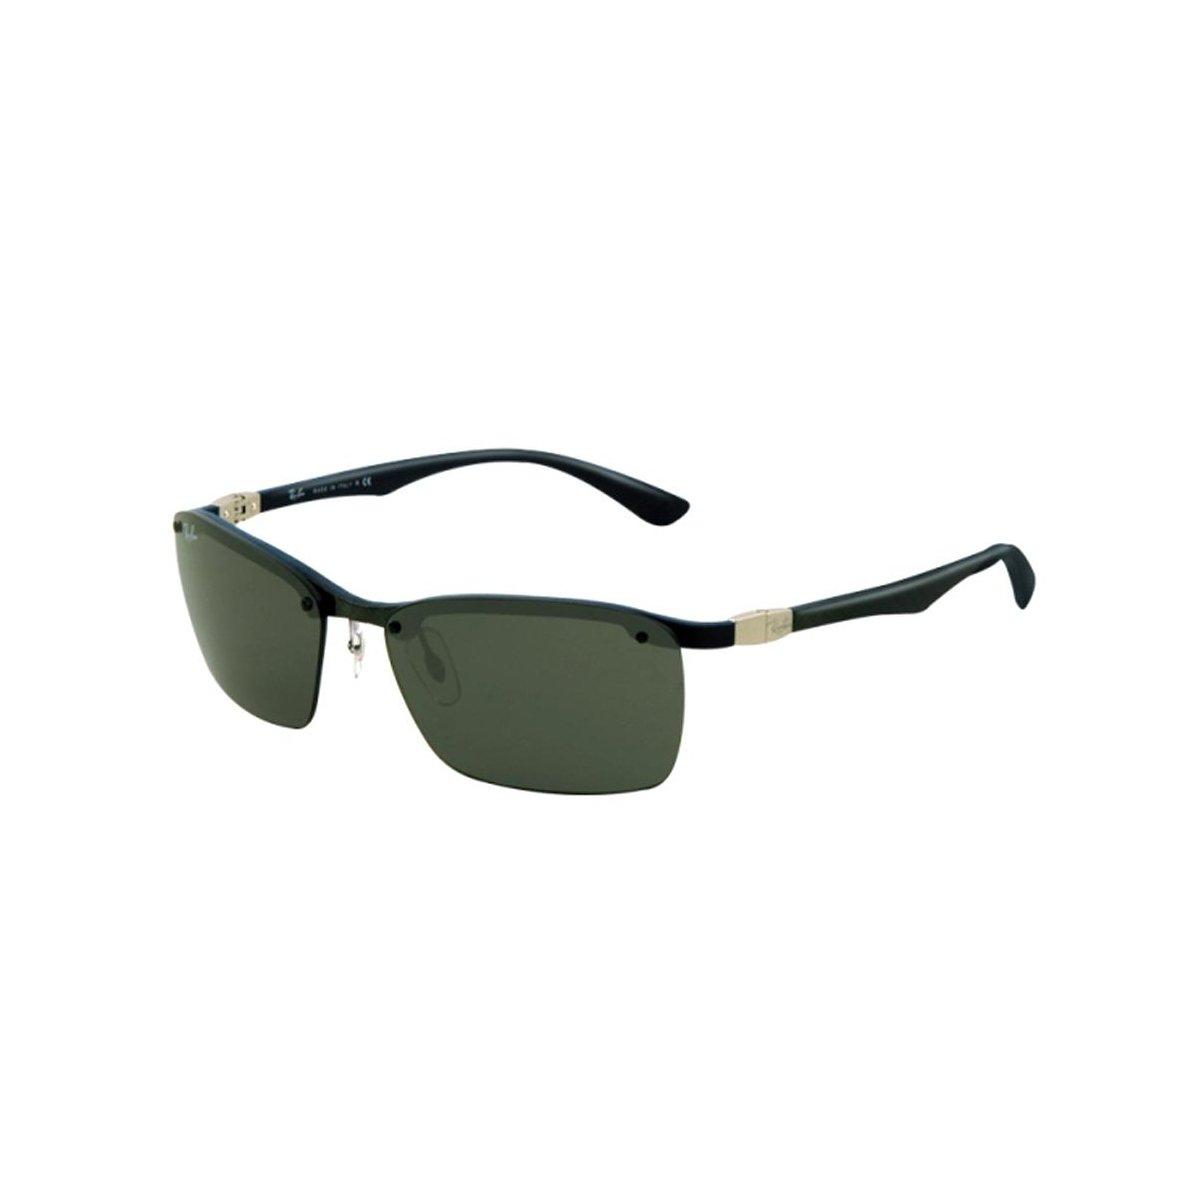 Óculos de Sol Ray Ban Tech - Compre Agora   Netshoes 94e8be1124